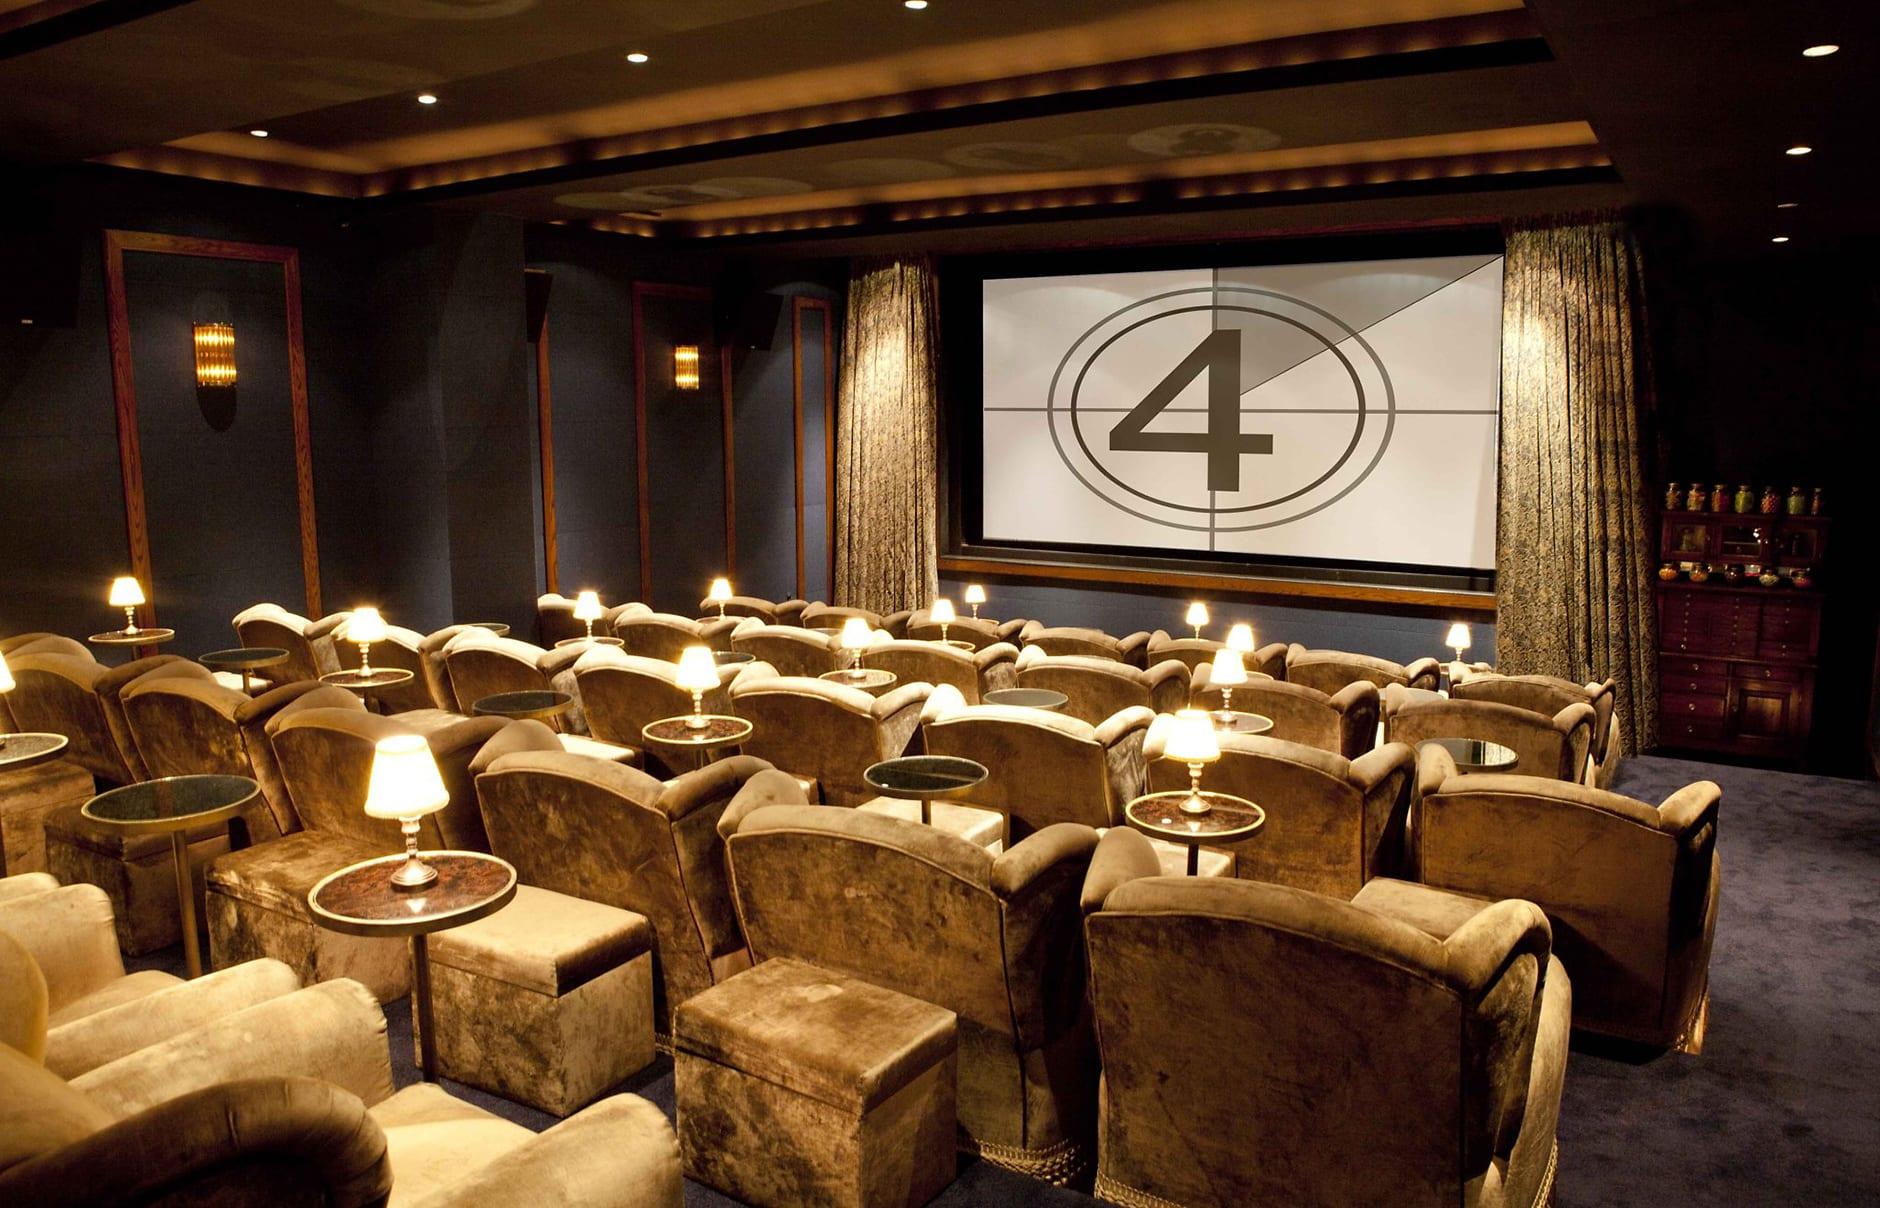 Cinema. Soho House New York. © Soho House